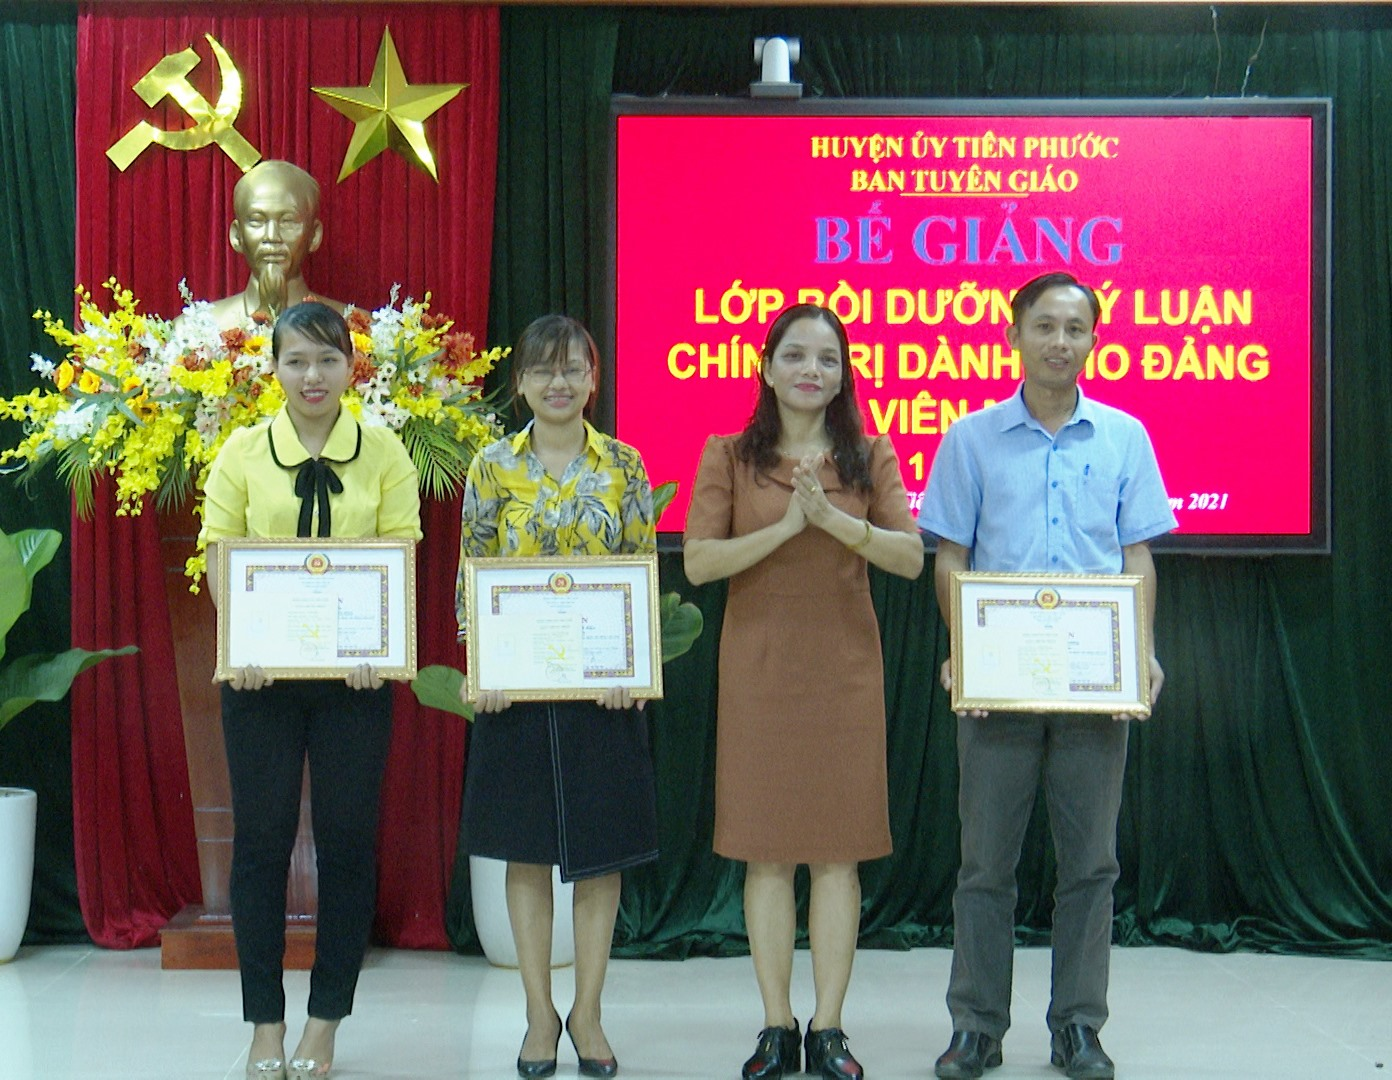 Bồi dưỡng, phát triển đảng viên mới là một trong những nhiệm vụ được Đảng bộ huyện Tiên Phước ưu tiên thực hiện. Ảnh: N.H